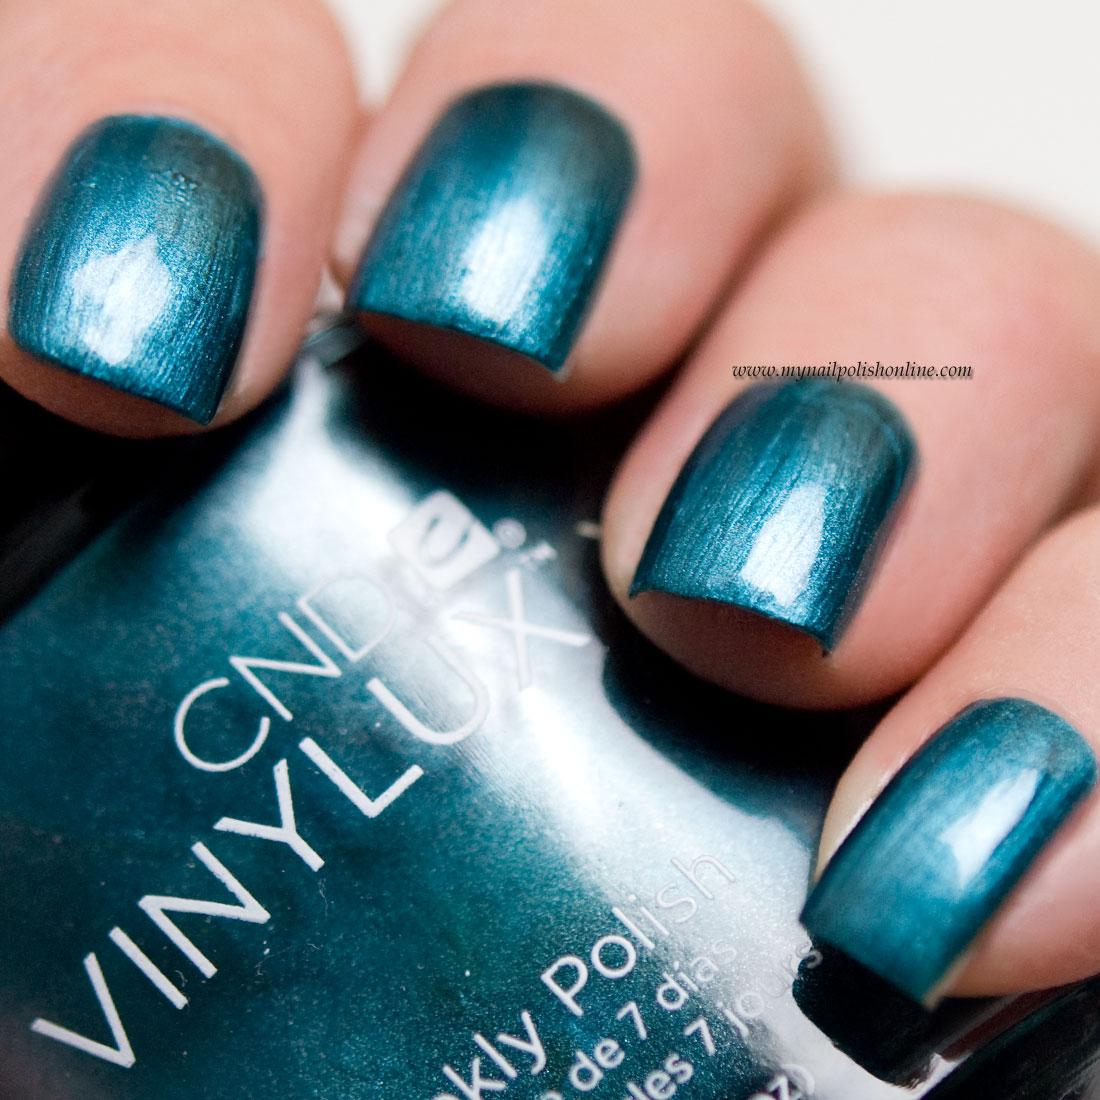 CND Vinylux - Viridian Veil